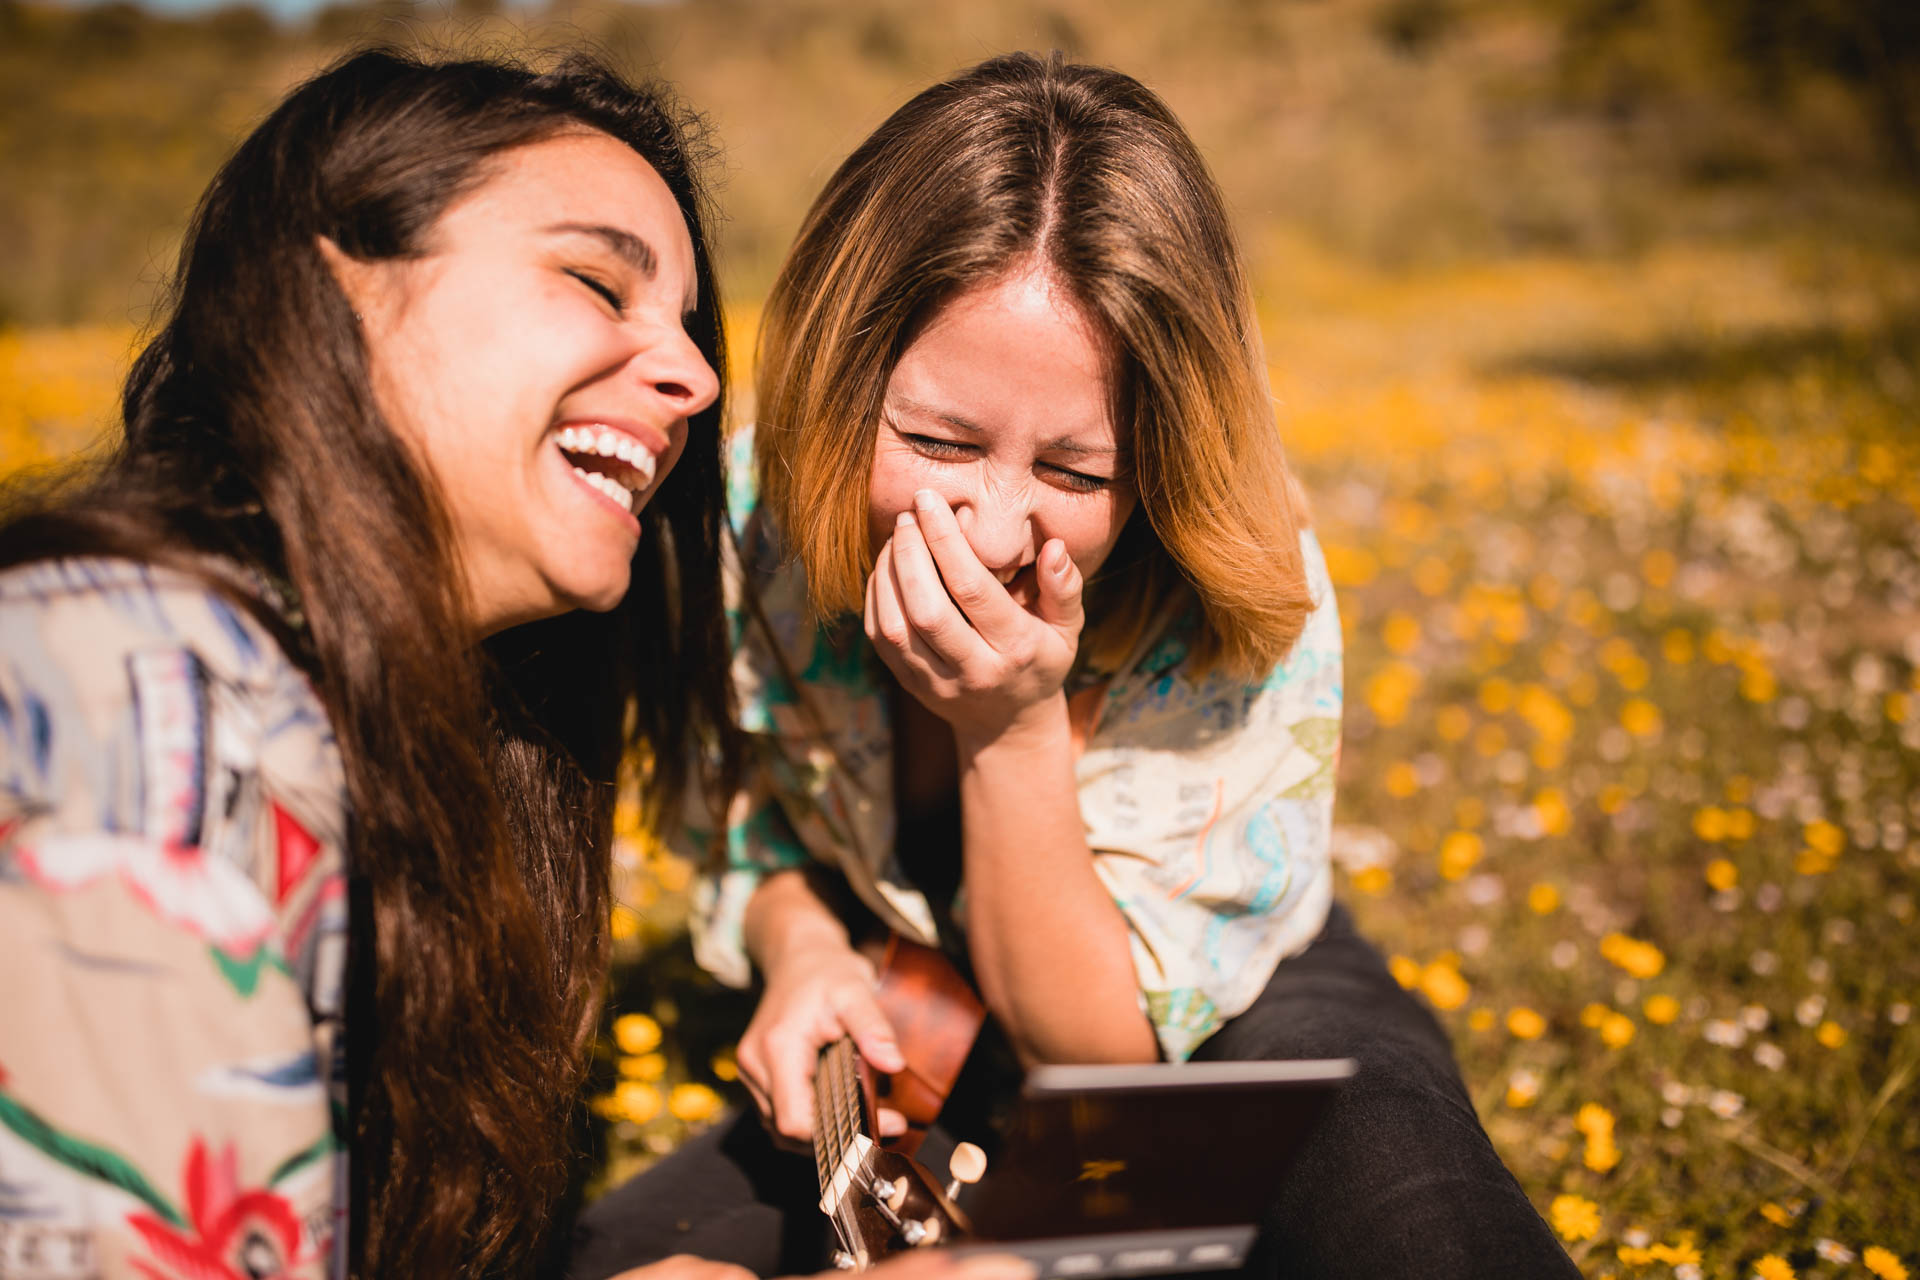 Lachende Mädchen schauen auf Handy